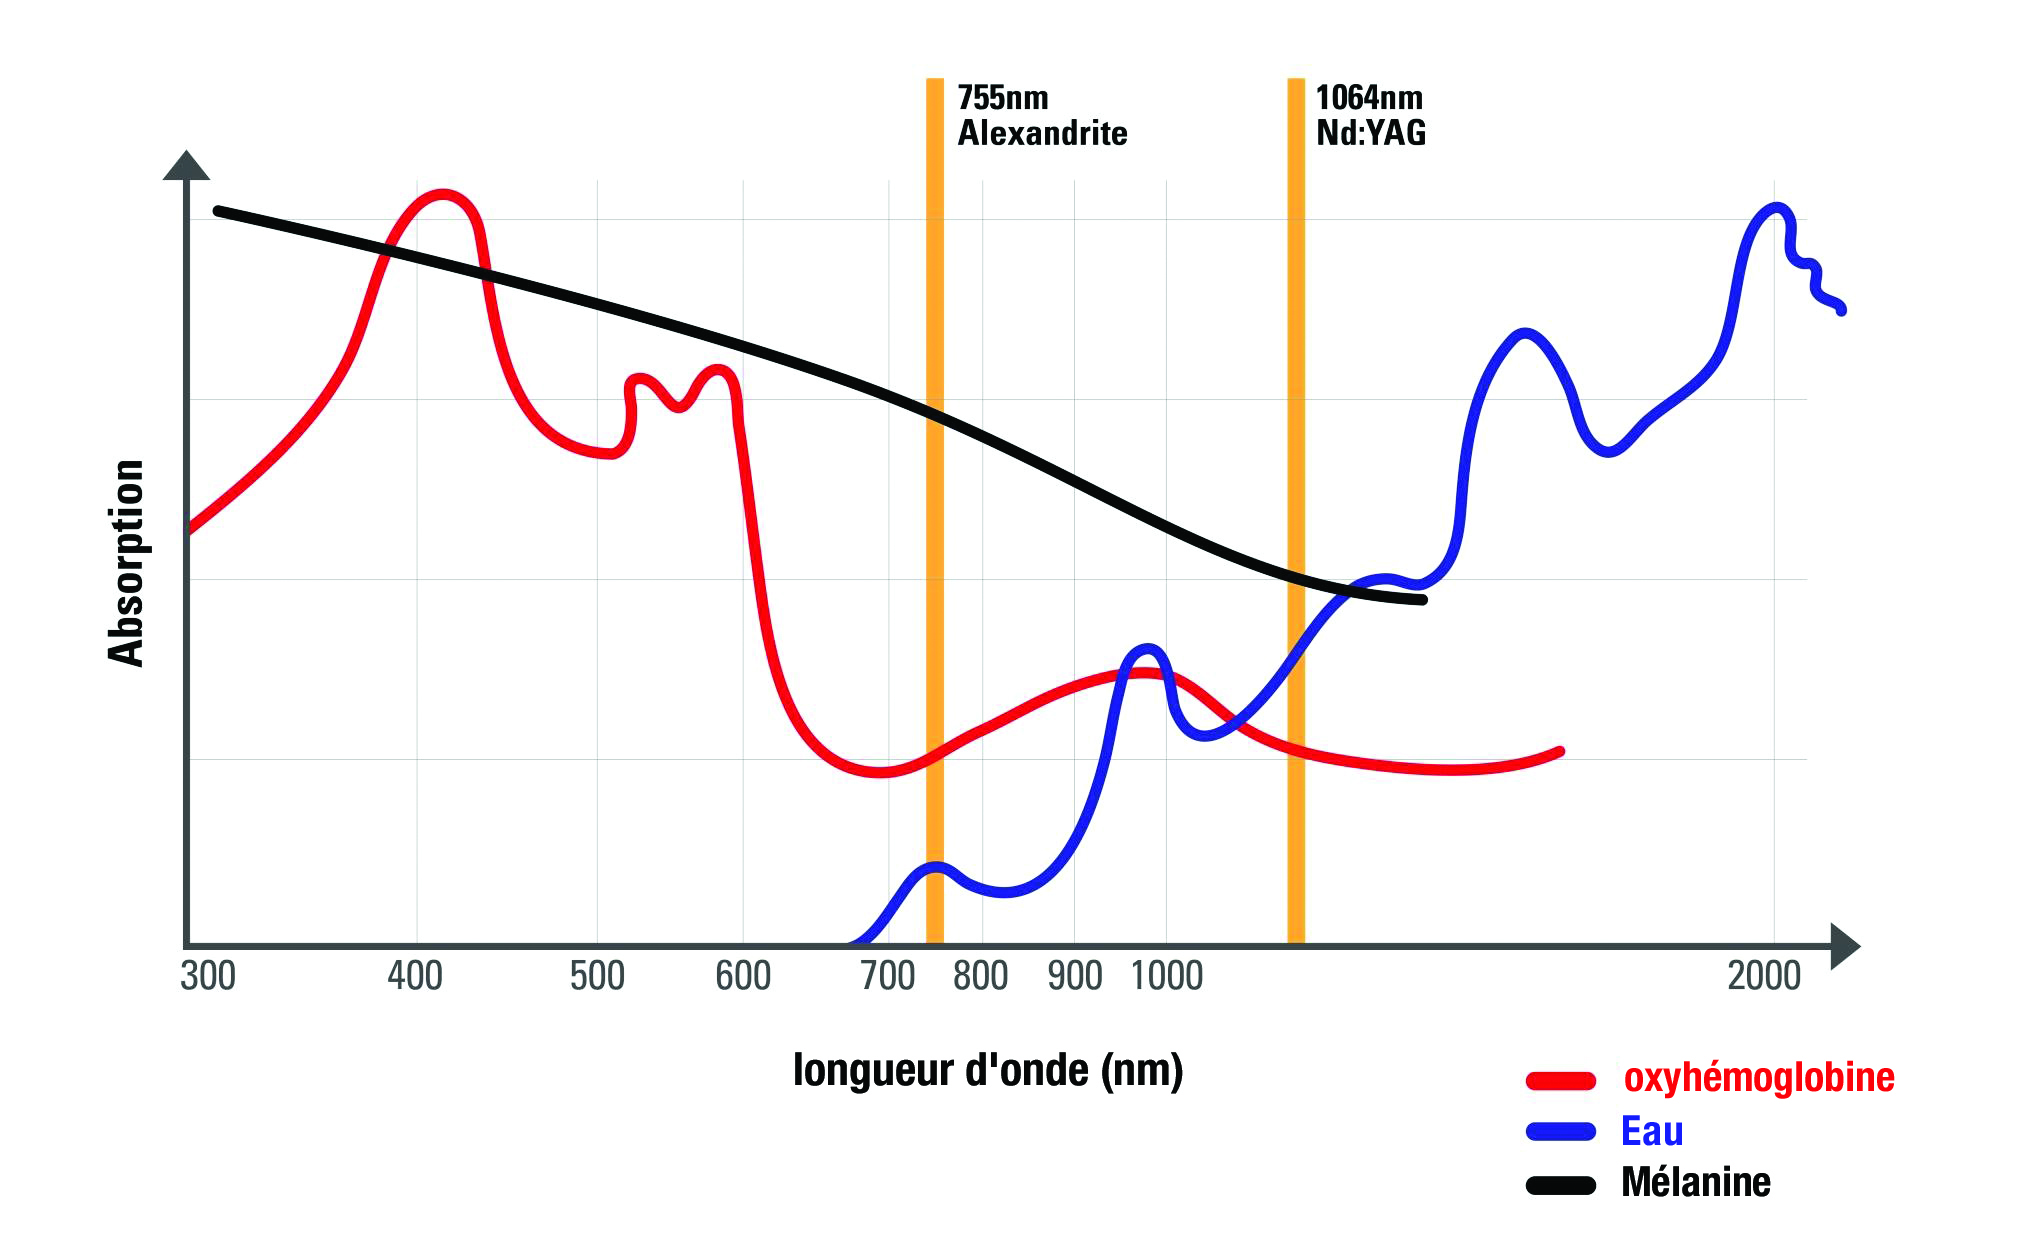 Schema longueur d'onde SANDRO DUAL - WONTECH